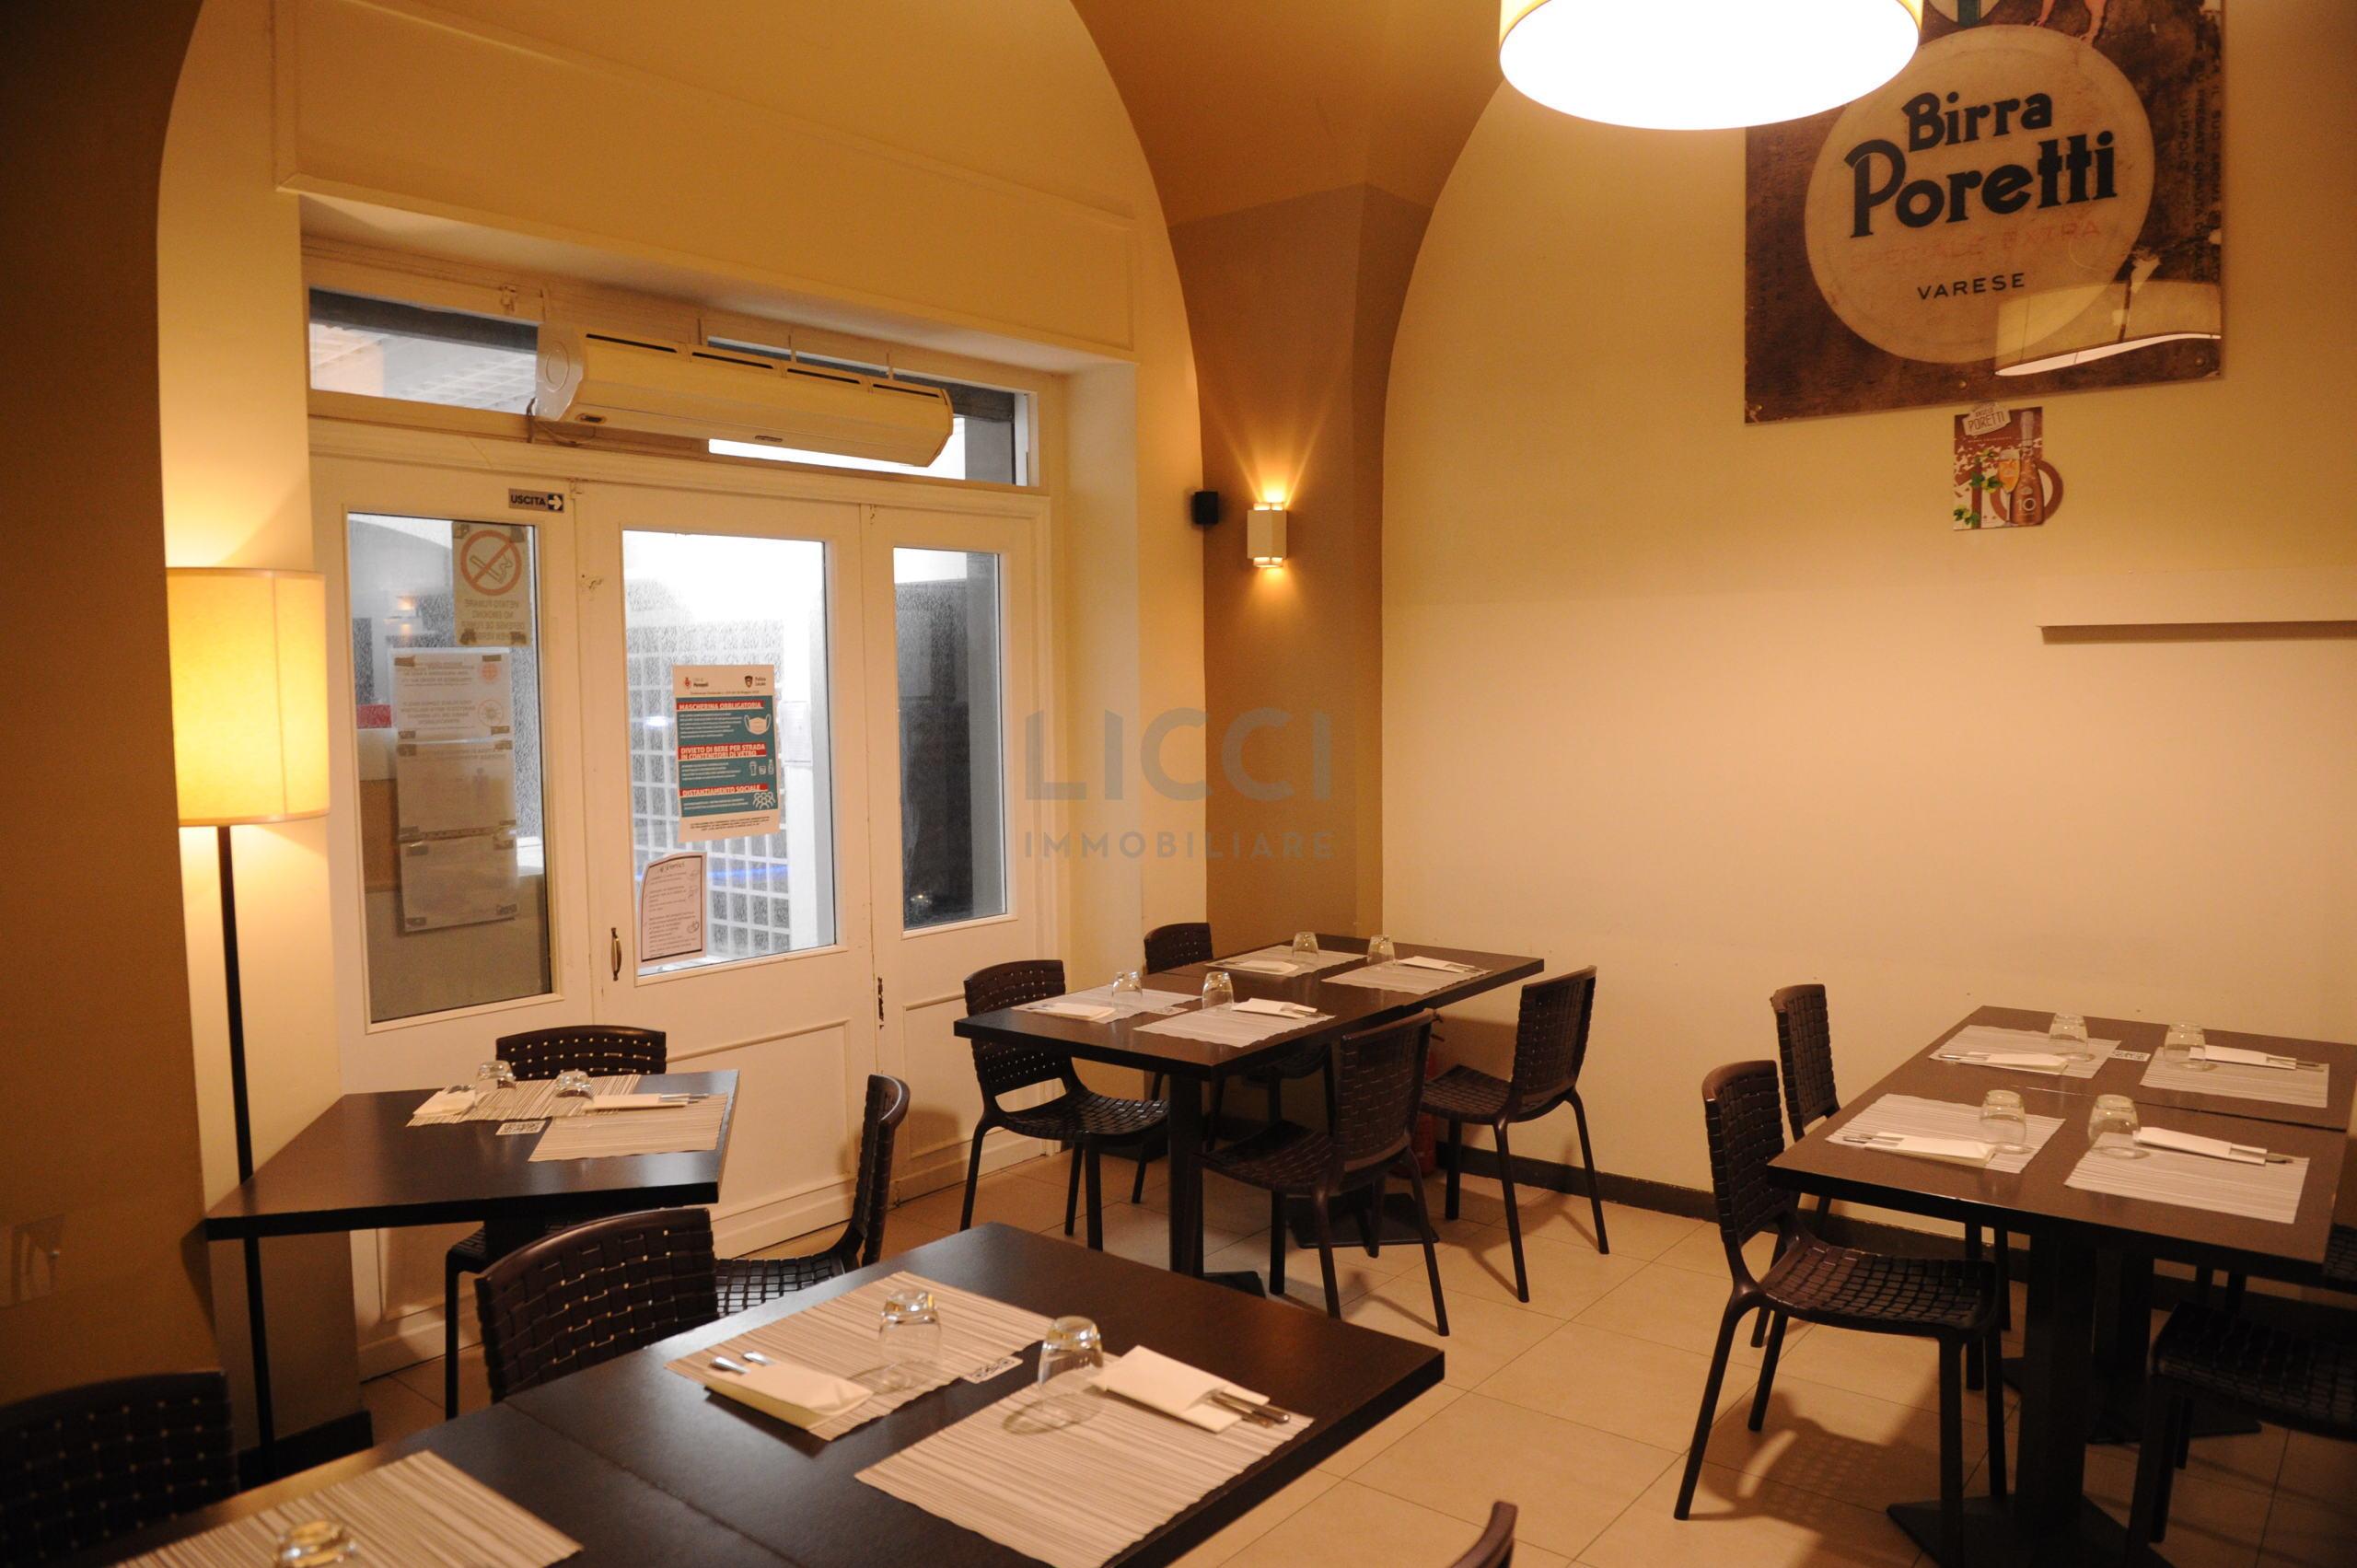 Ristorante Pizzeria a Monopoli, Centrale